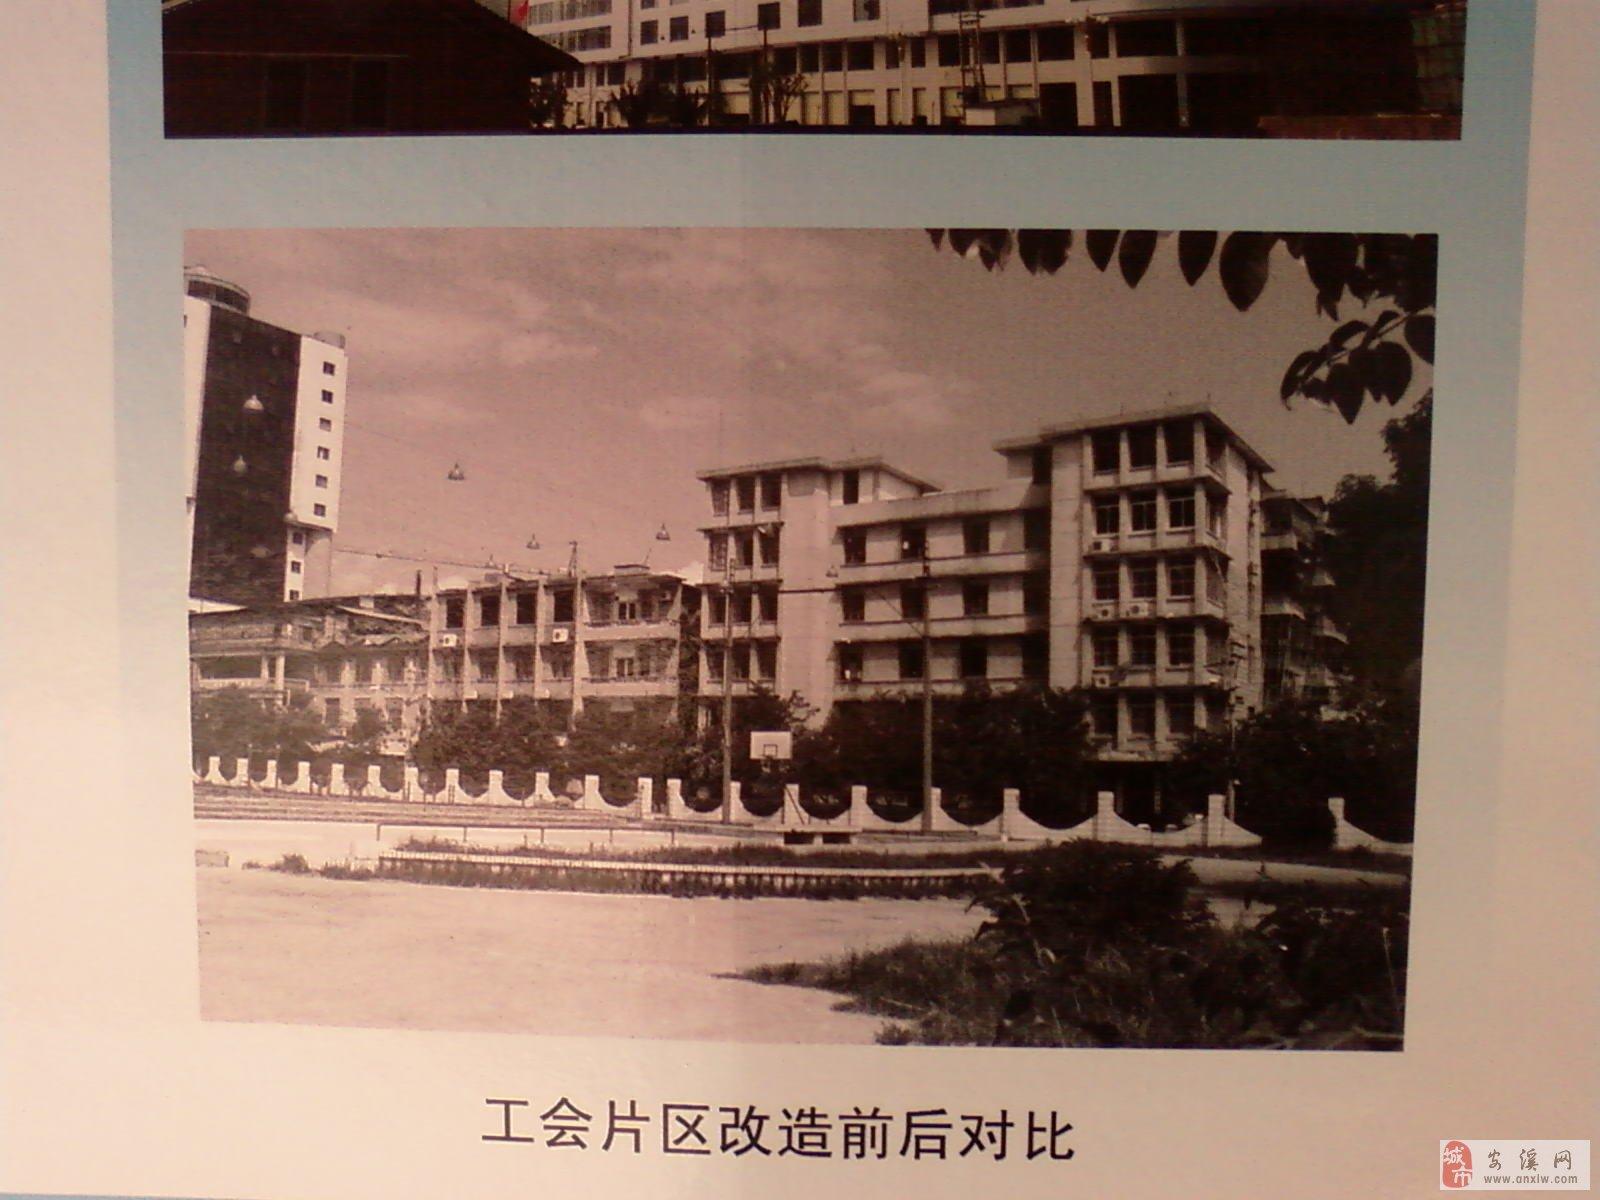 【新版】一路见证安溪辉煌发展的老照片图片